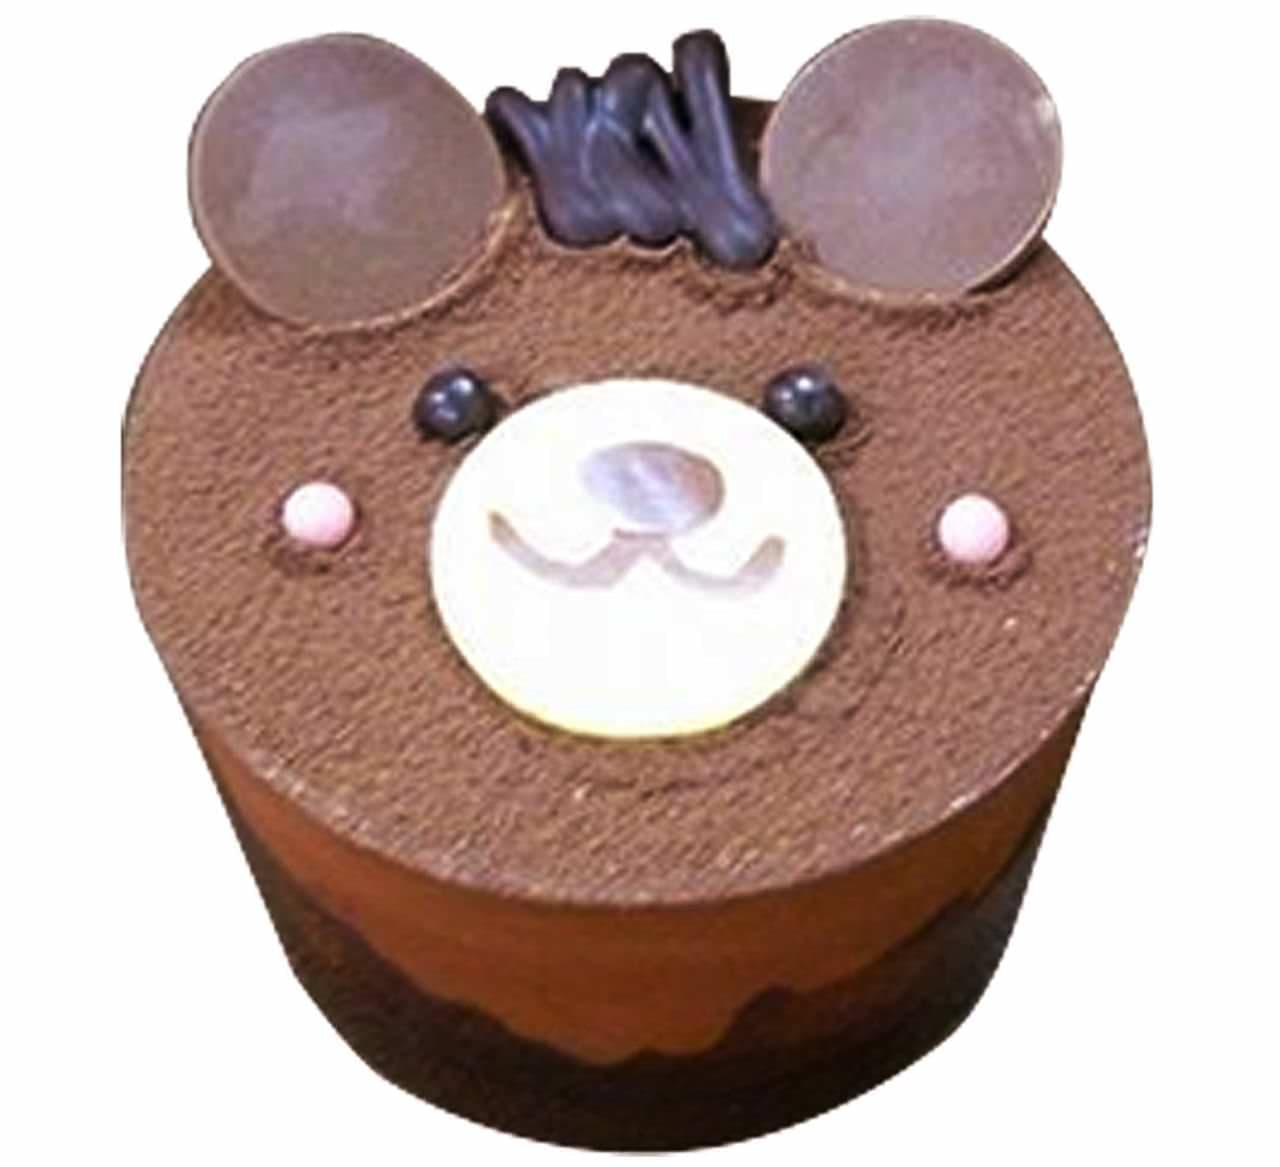 シャトレーゼ「くまちゃんケーキ」